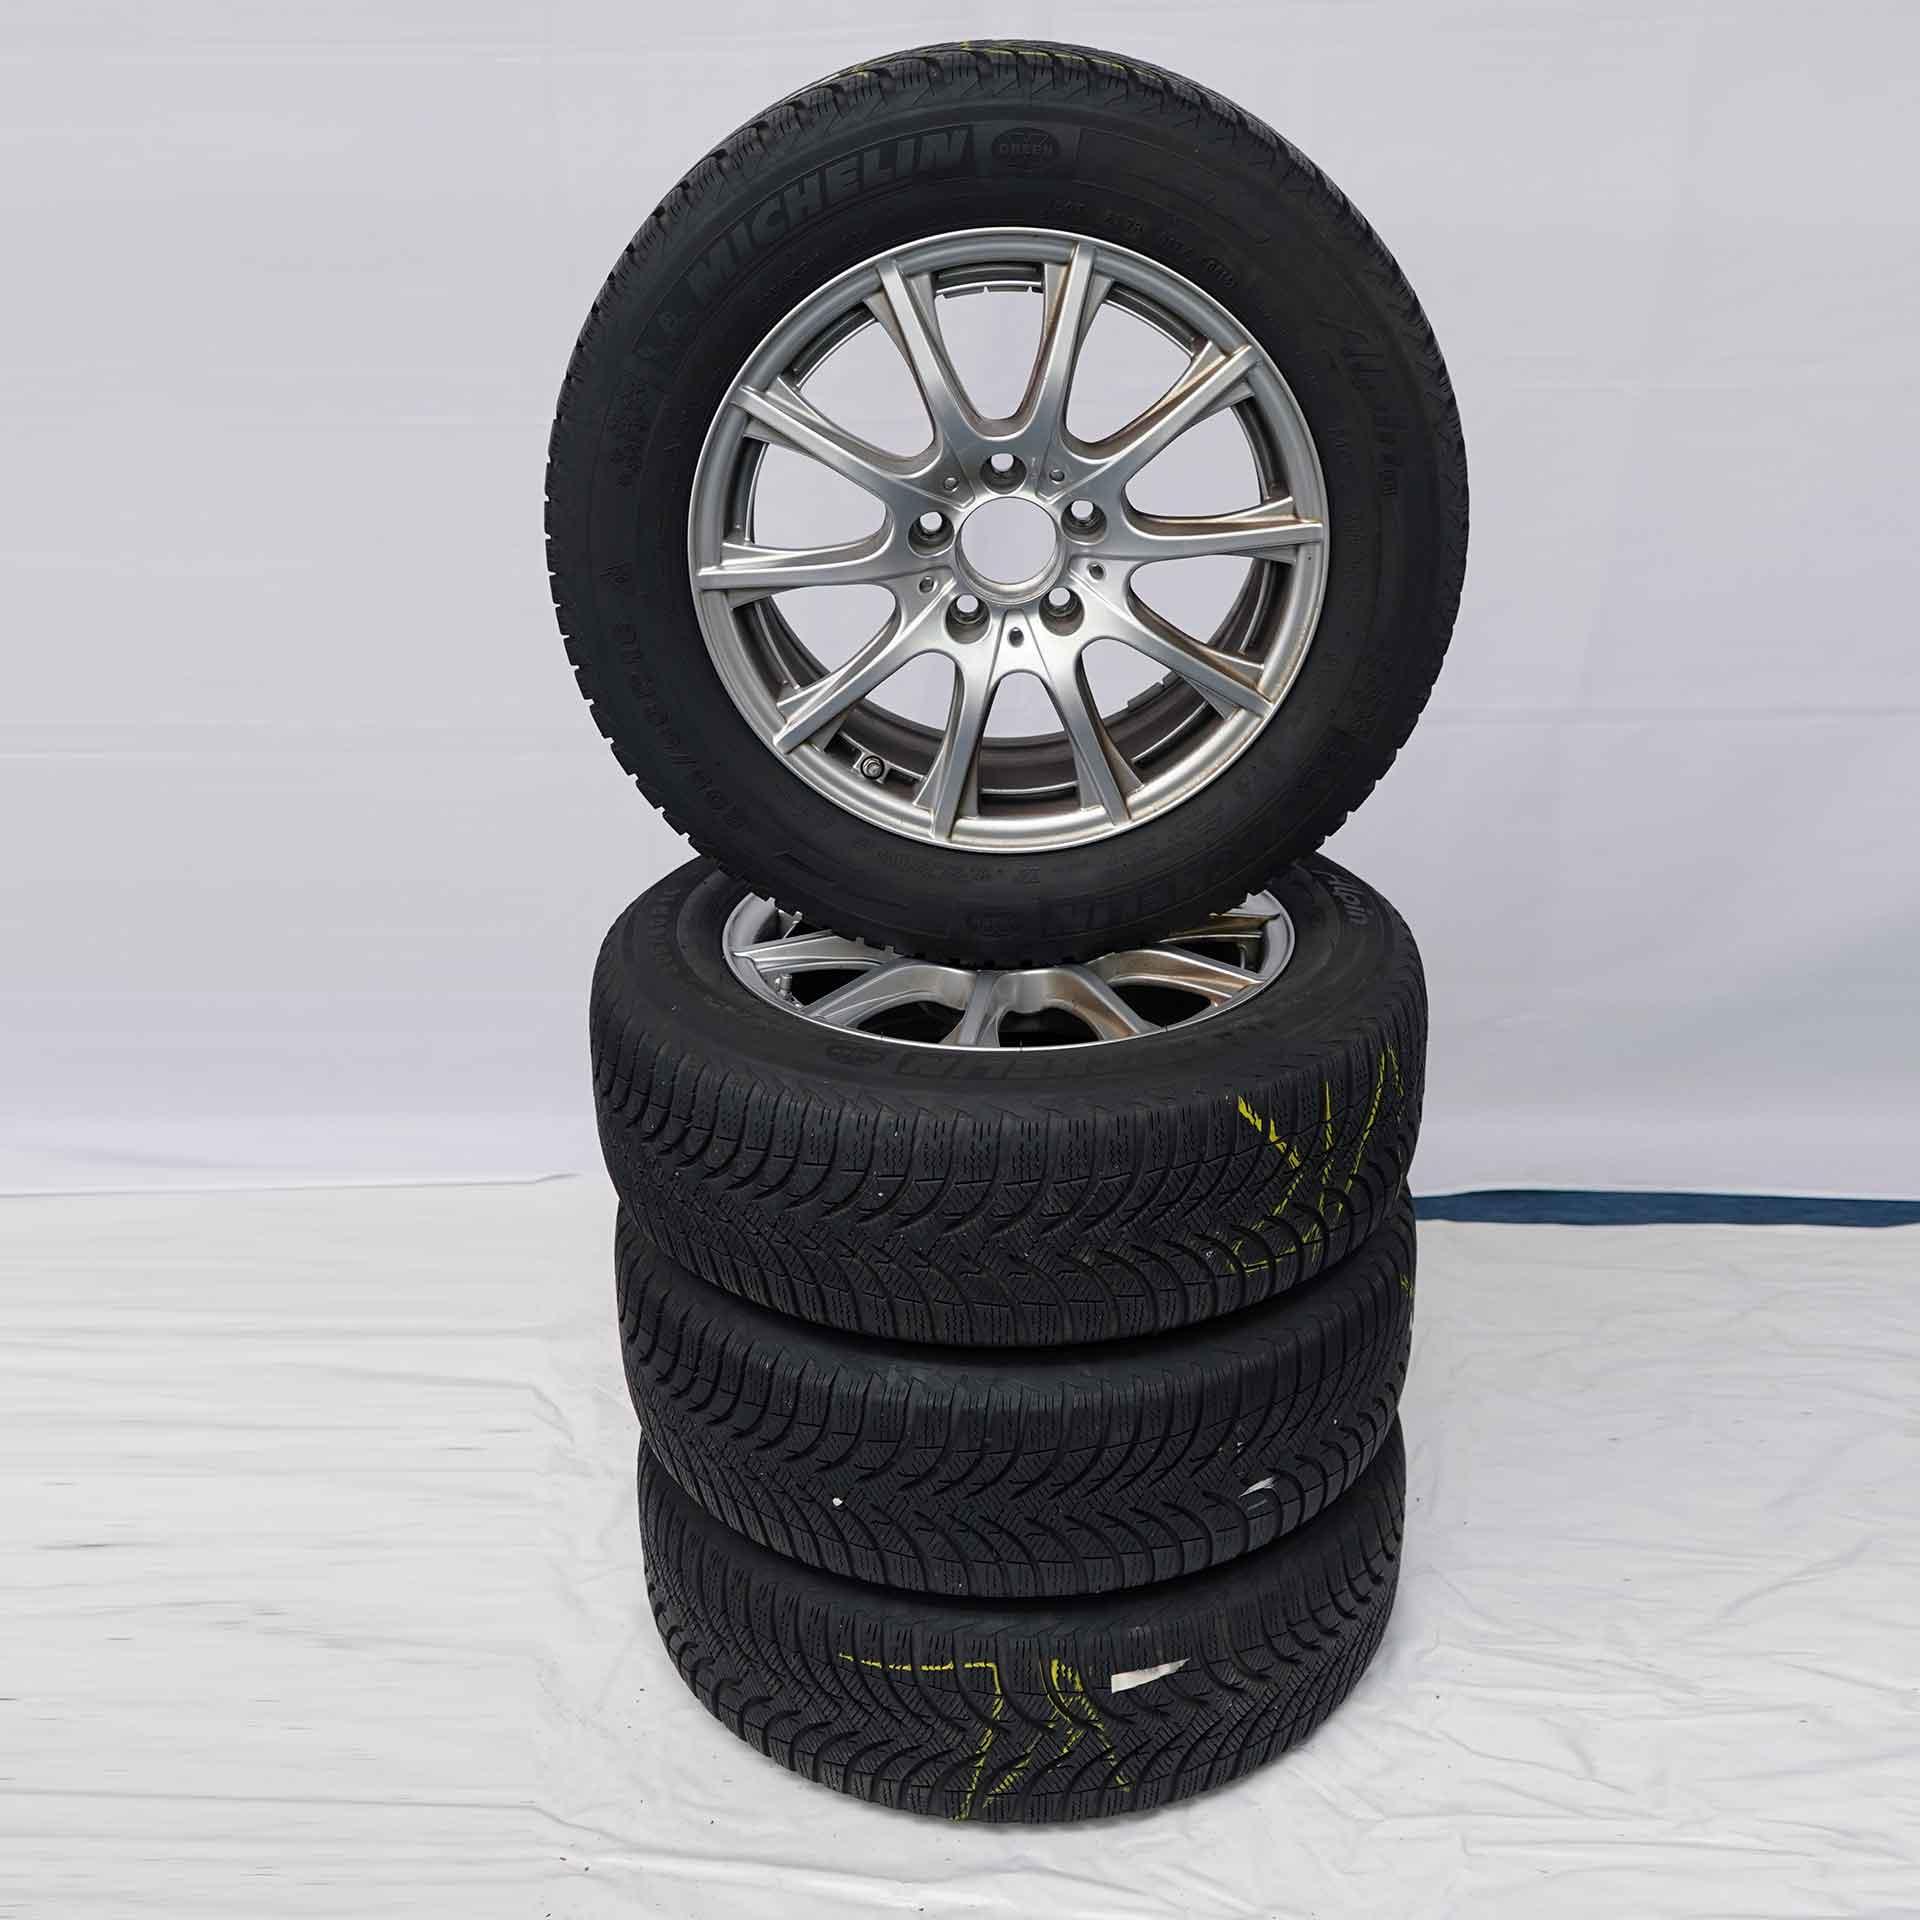 C-Klasse (205) Gebrauchter 16 Zoll Original Mercedes-Benz Winterkomplettrad-Satz Michelin